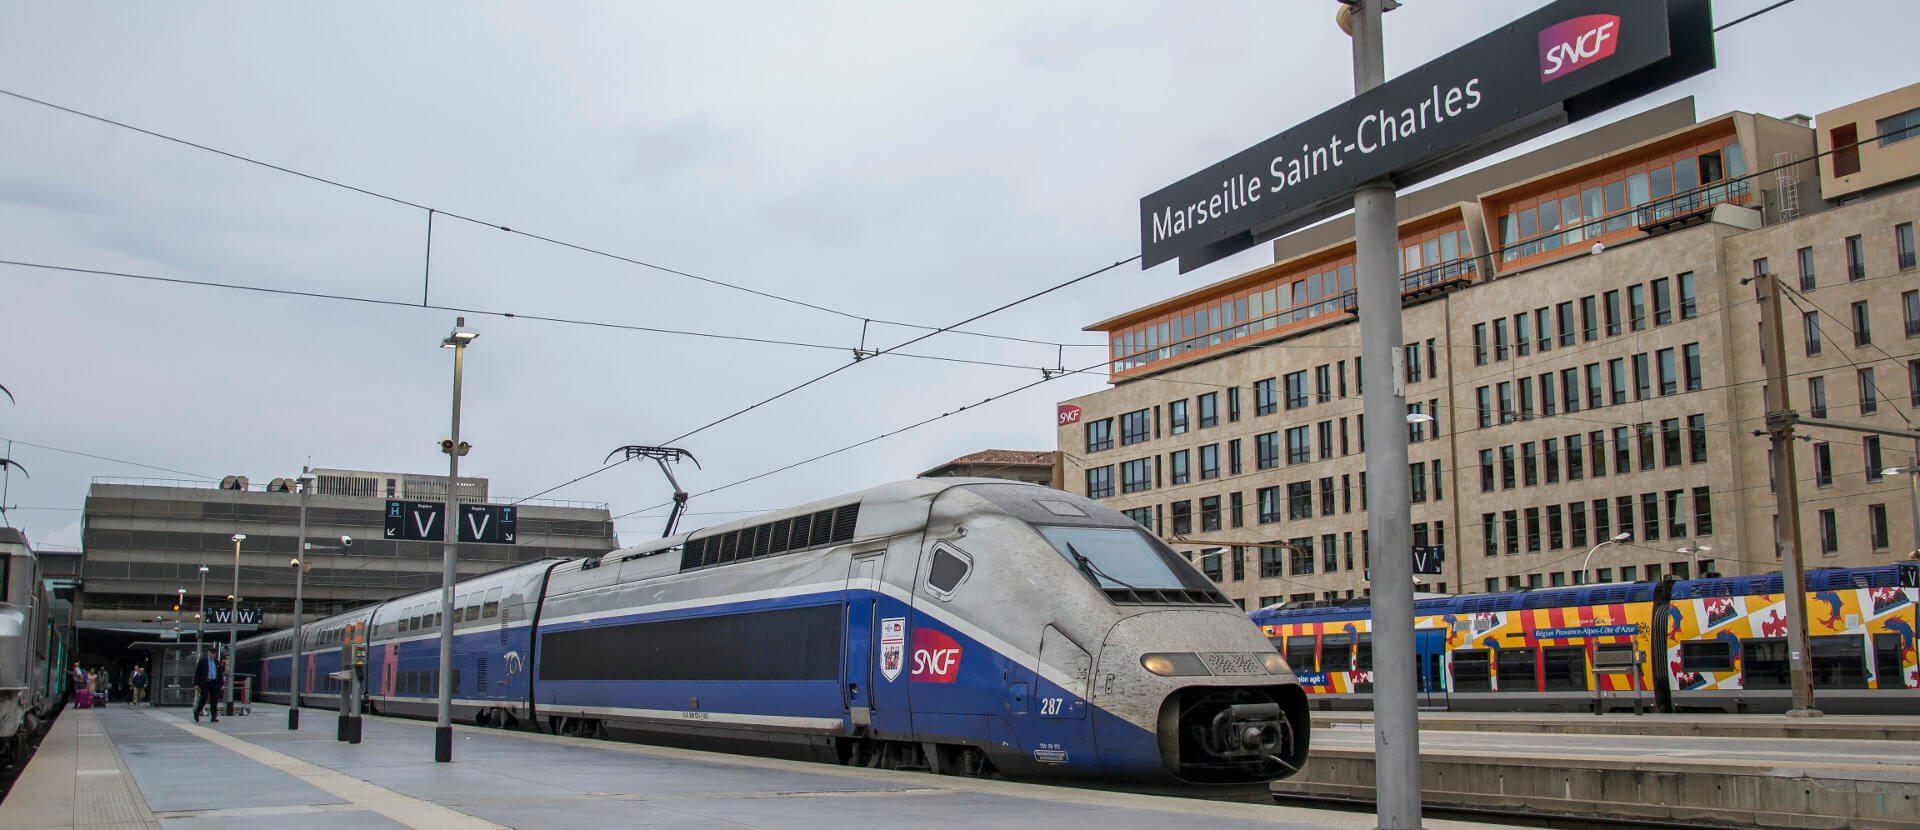 Bilet Interrail – jak z niego korzystać? Kompleksowy poradnik również dla uczestników #discoverEU (2020)